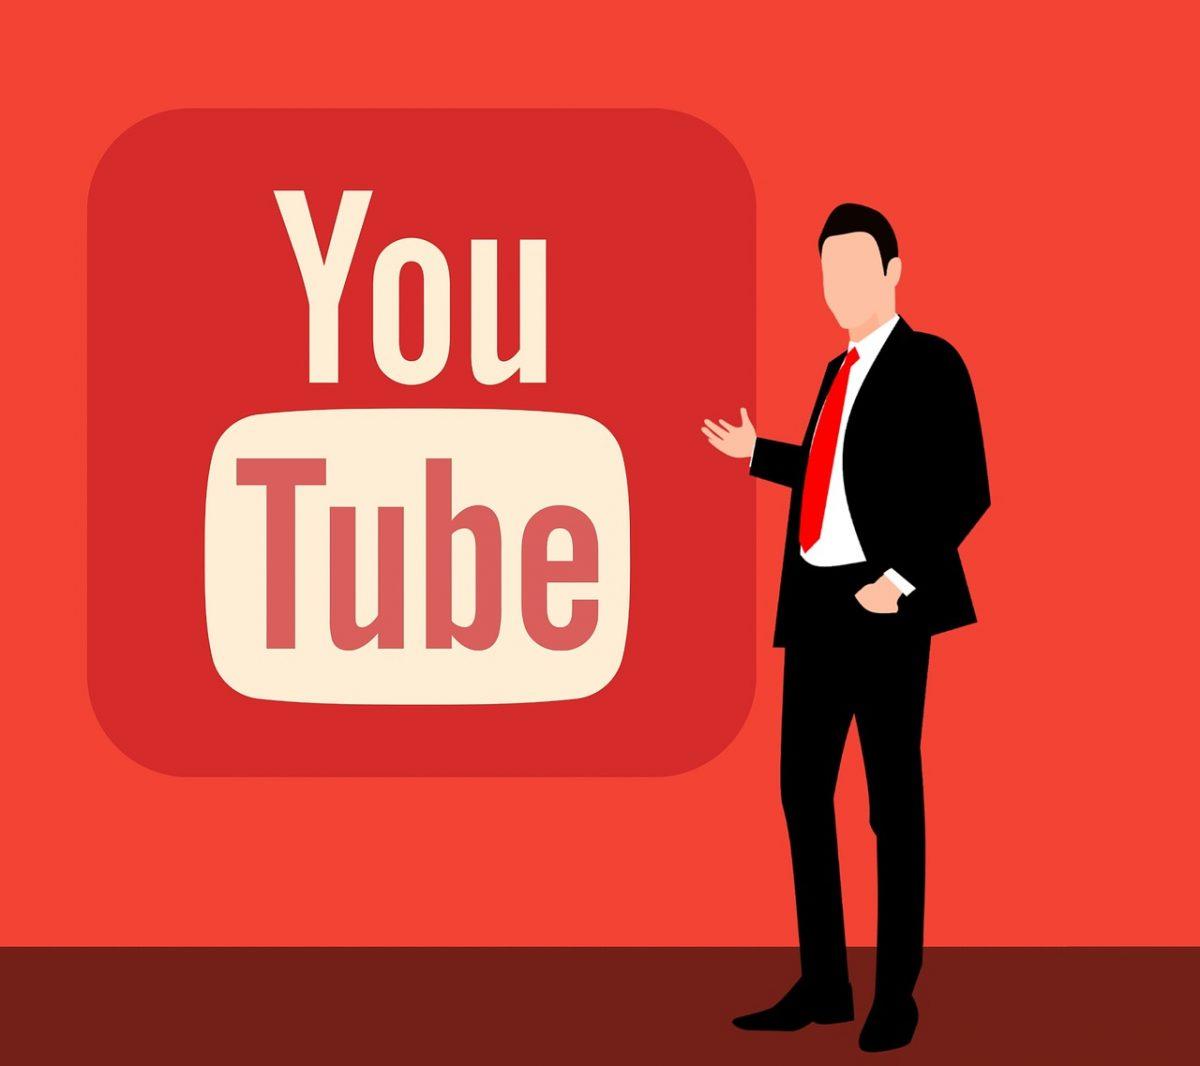 YouTube: terrain privilégié de prédateurs sexuels pédophiles